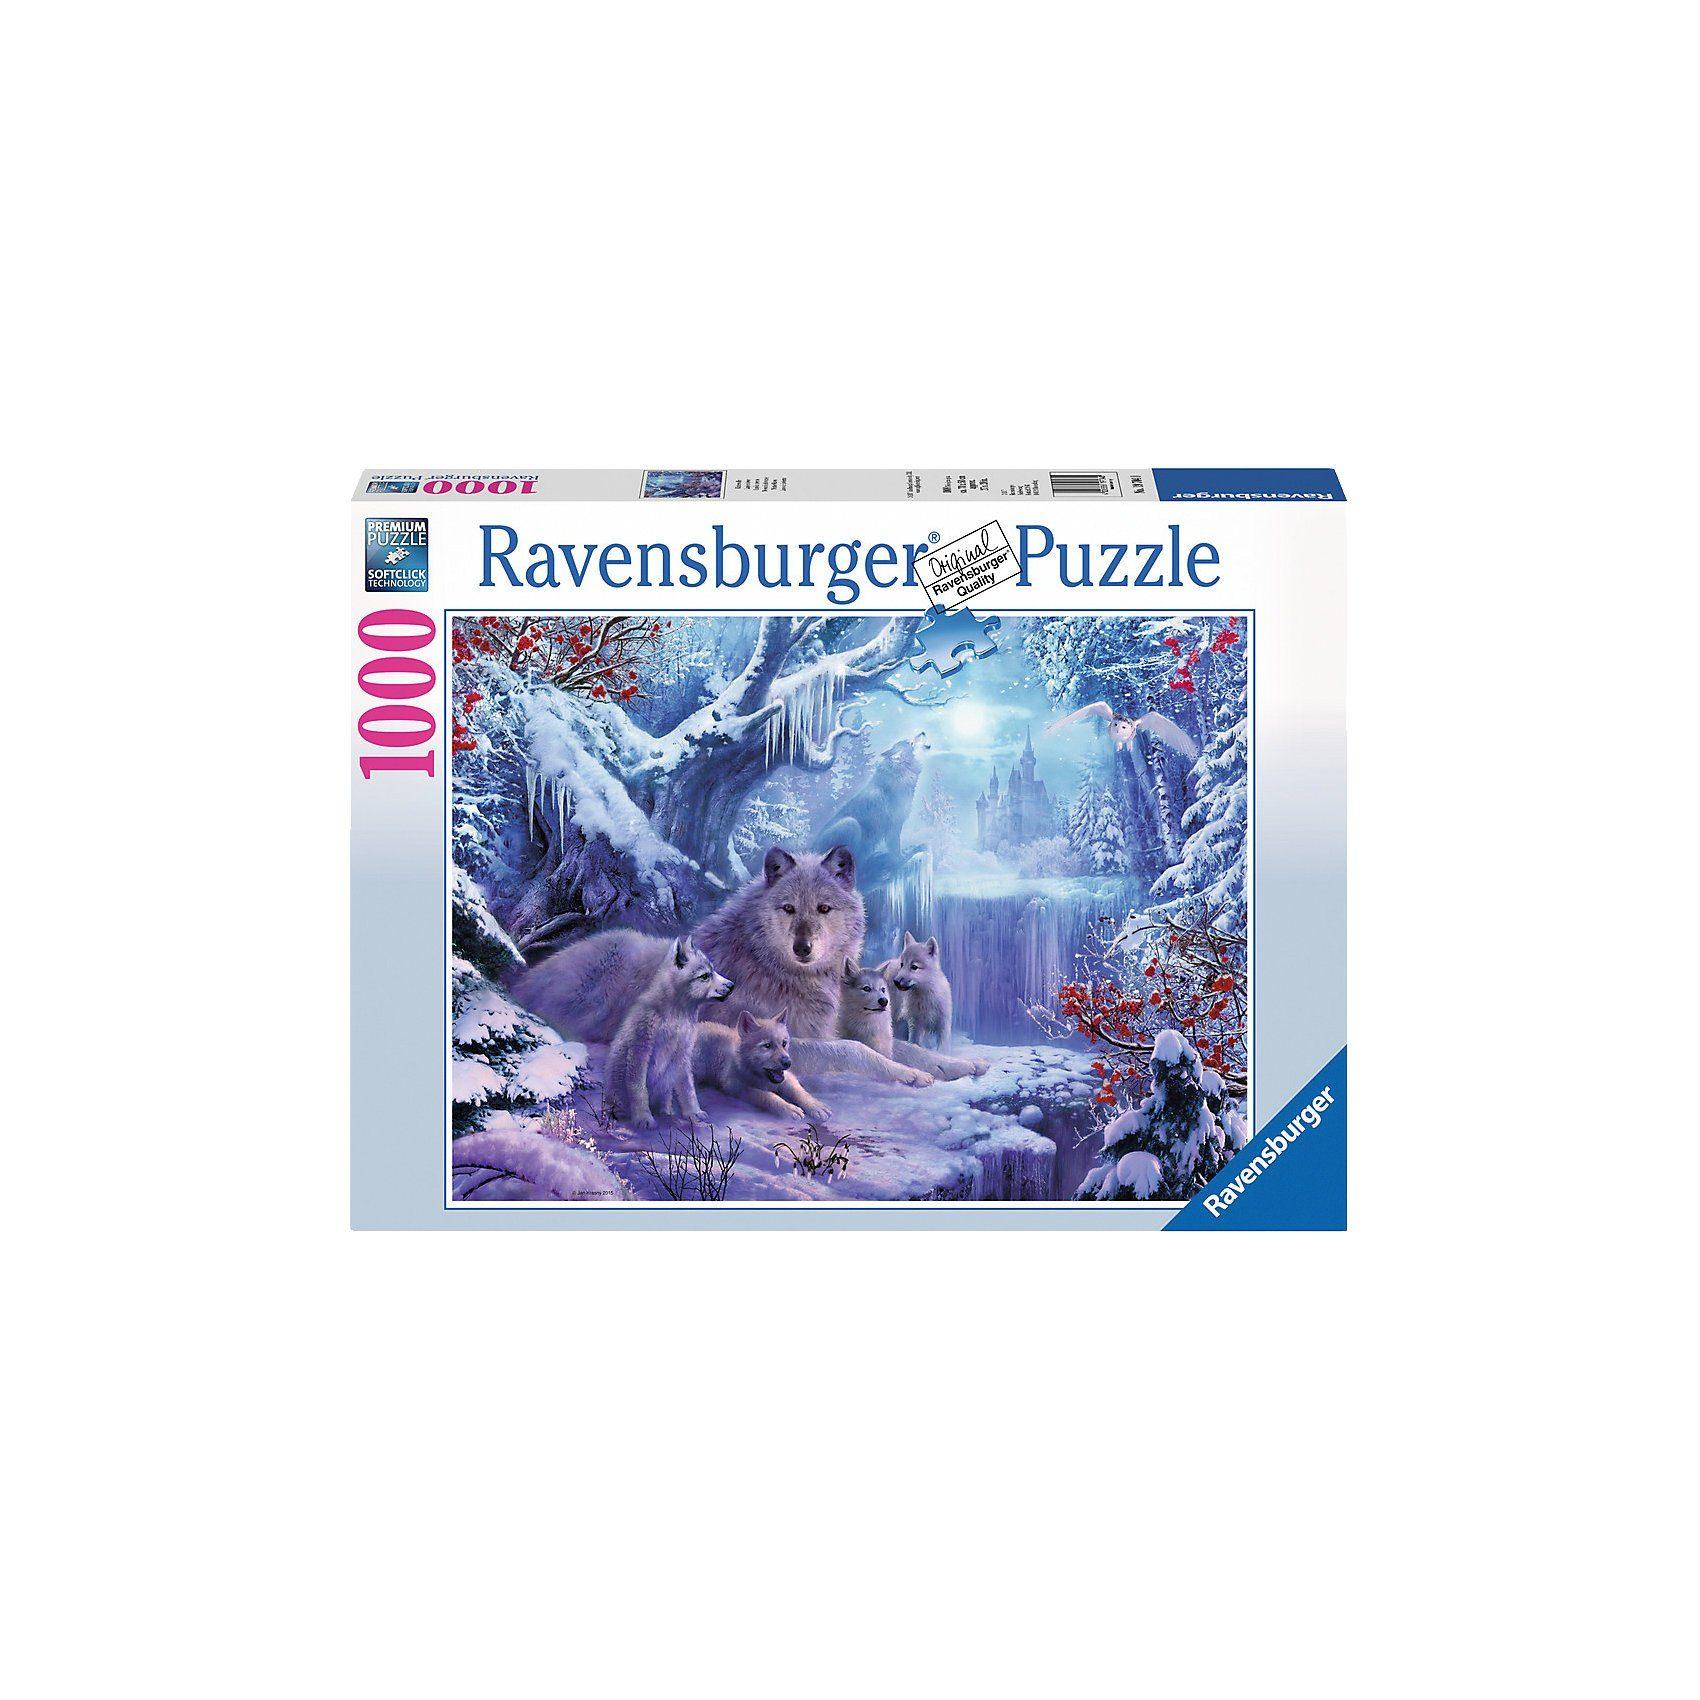 Ravensburger Puzzle 1000 Teile, 70x50 cm, Winterwölfe